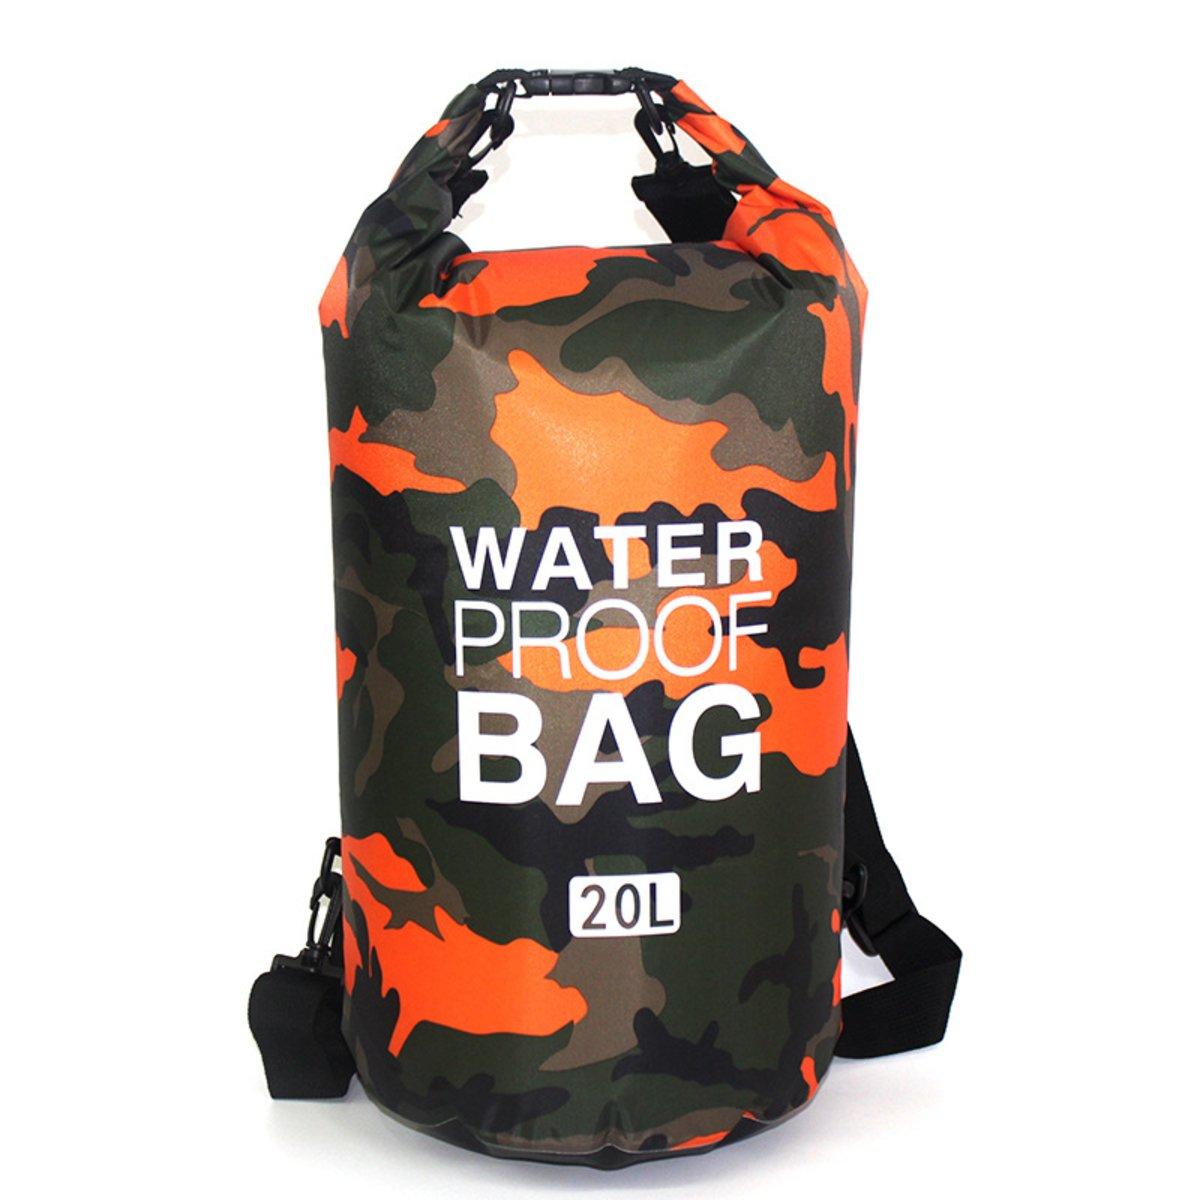 【夏天戶外 防水 必備 】兩用背囊式防水袋 20L (迷彩橙)